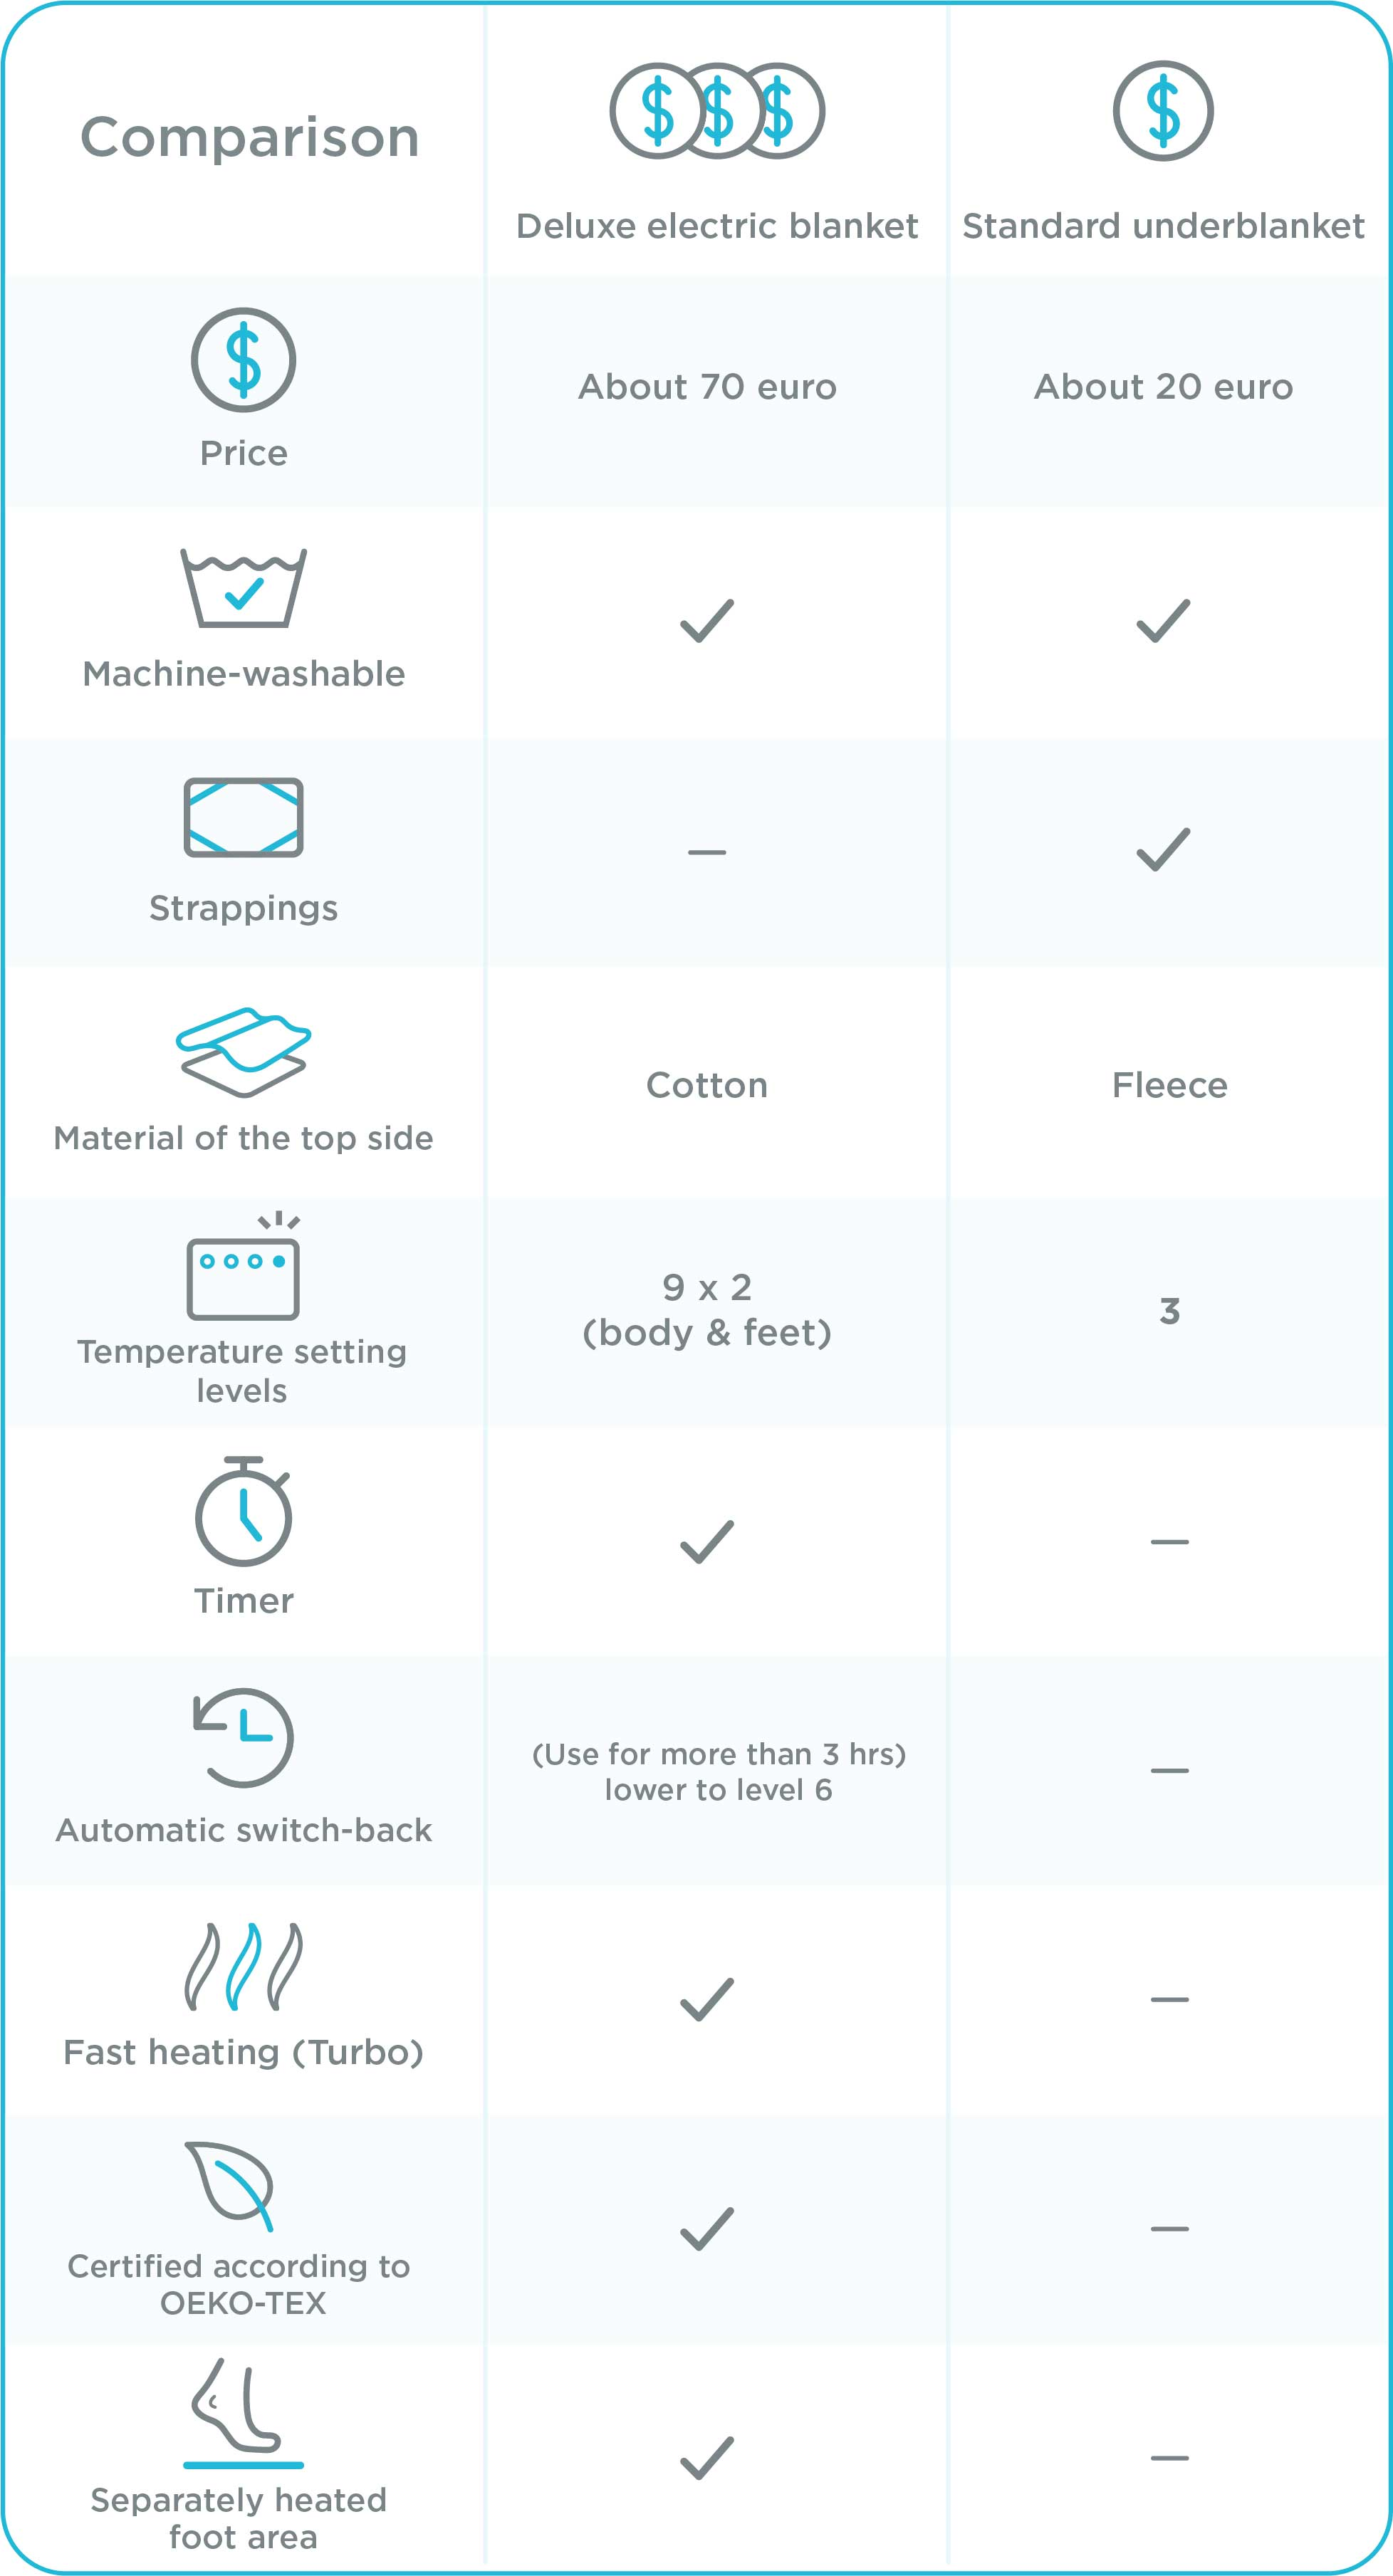 Comparison between deluxe electric blanket and standardunderblanket